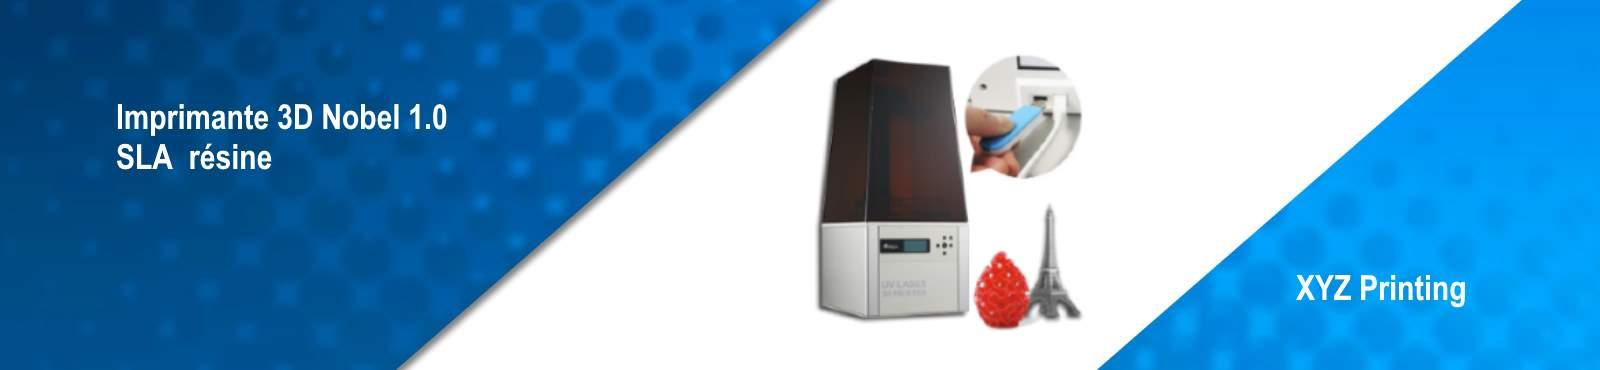 imprimate 3d resine nobel 1.0 , de grande qualité avec les résine les moins chère du marché